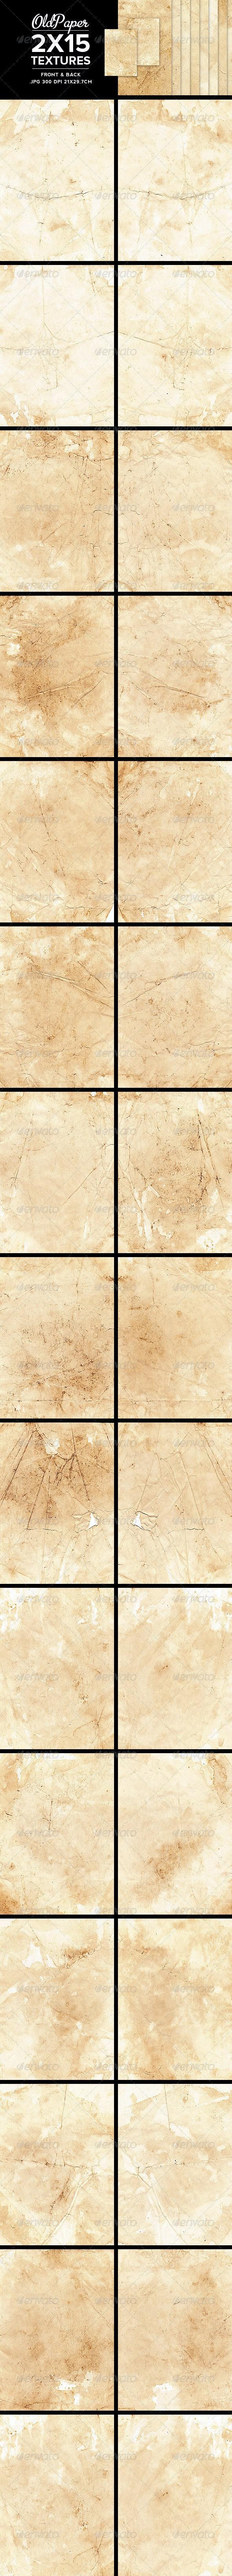 Old Paper Textures - Paper Textures